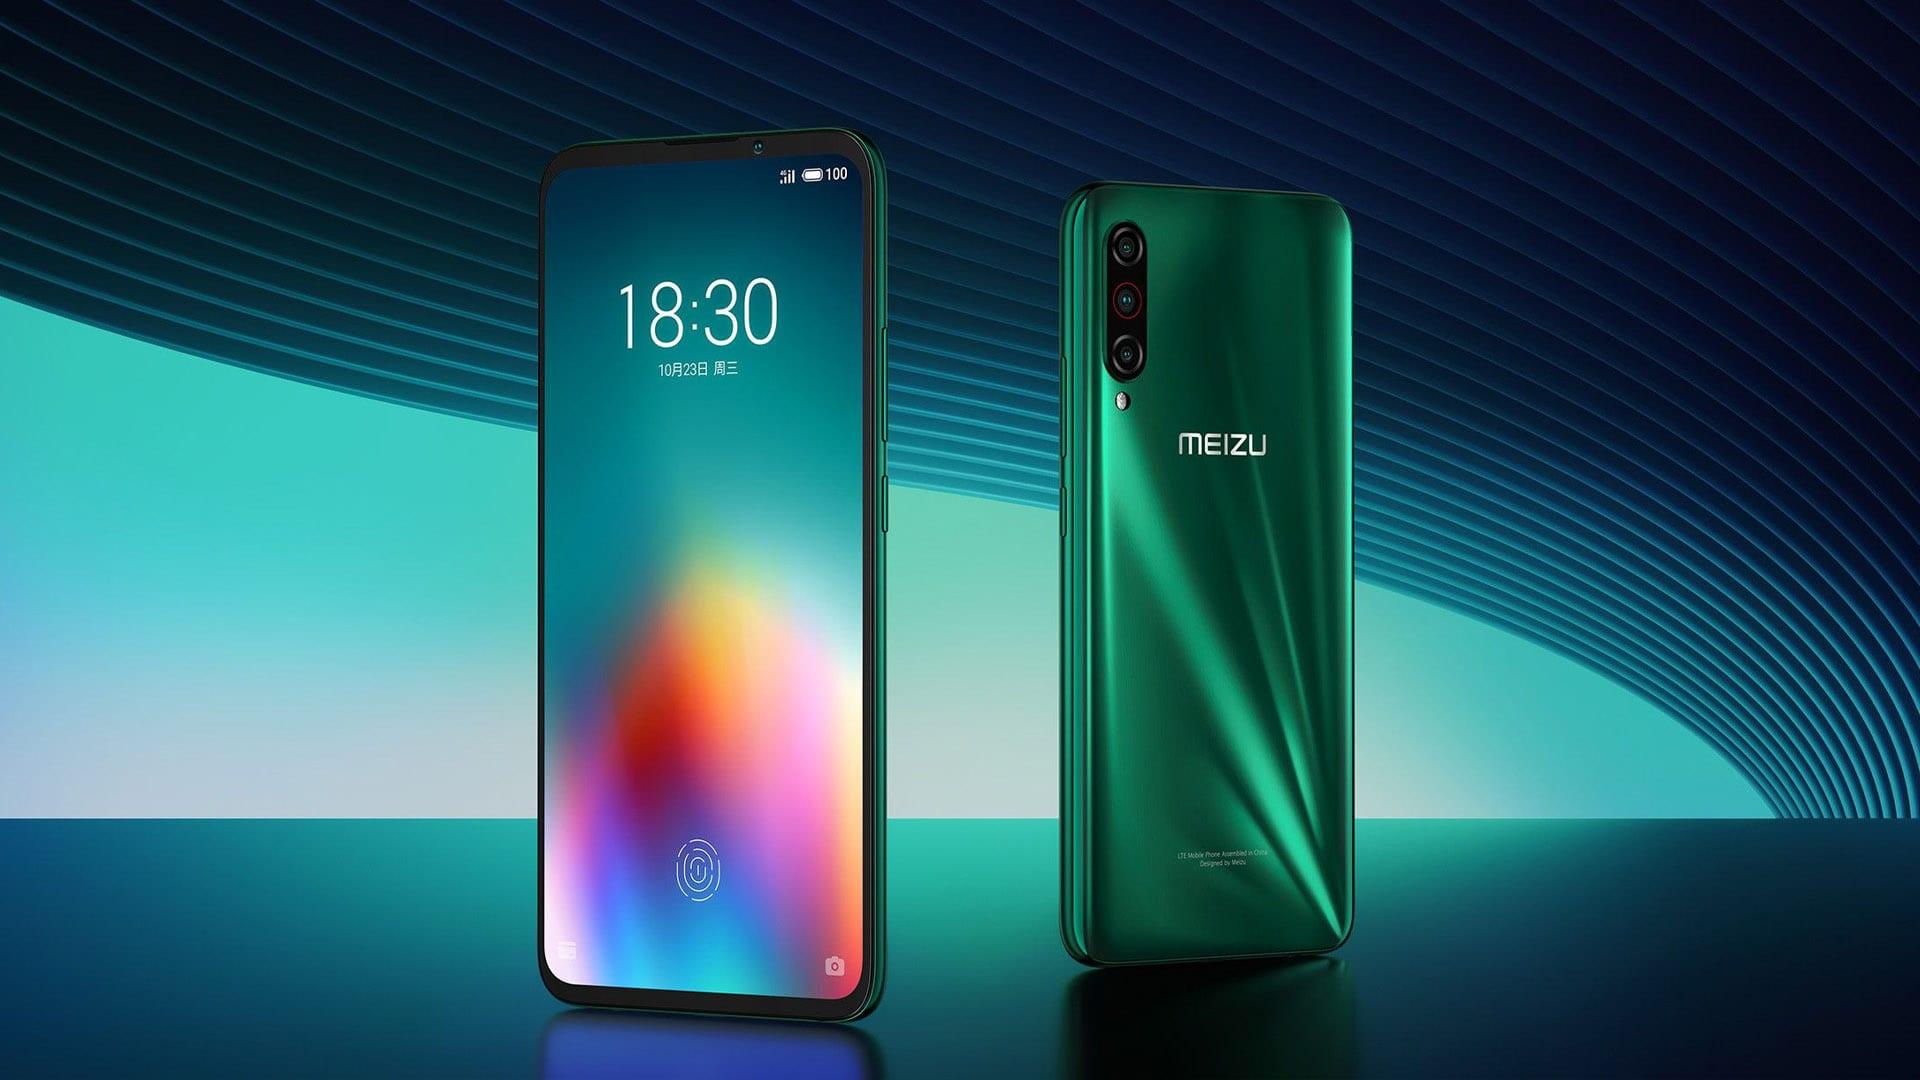 الإعلان رسميًا عن الهاتف الجديد Meizu 16T المزود بشاشة Super AMOLED وبمعالج Snapdragon 855